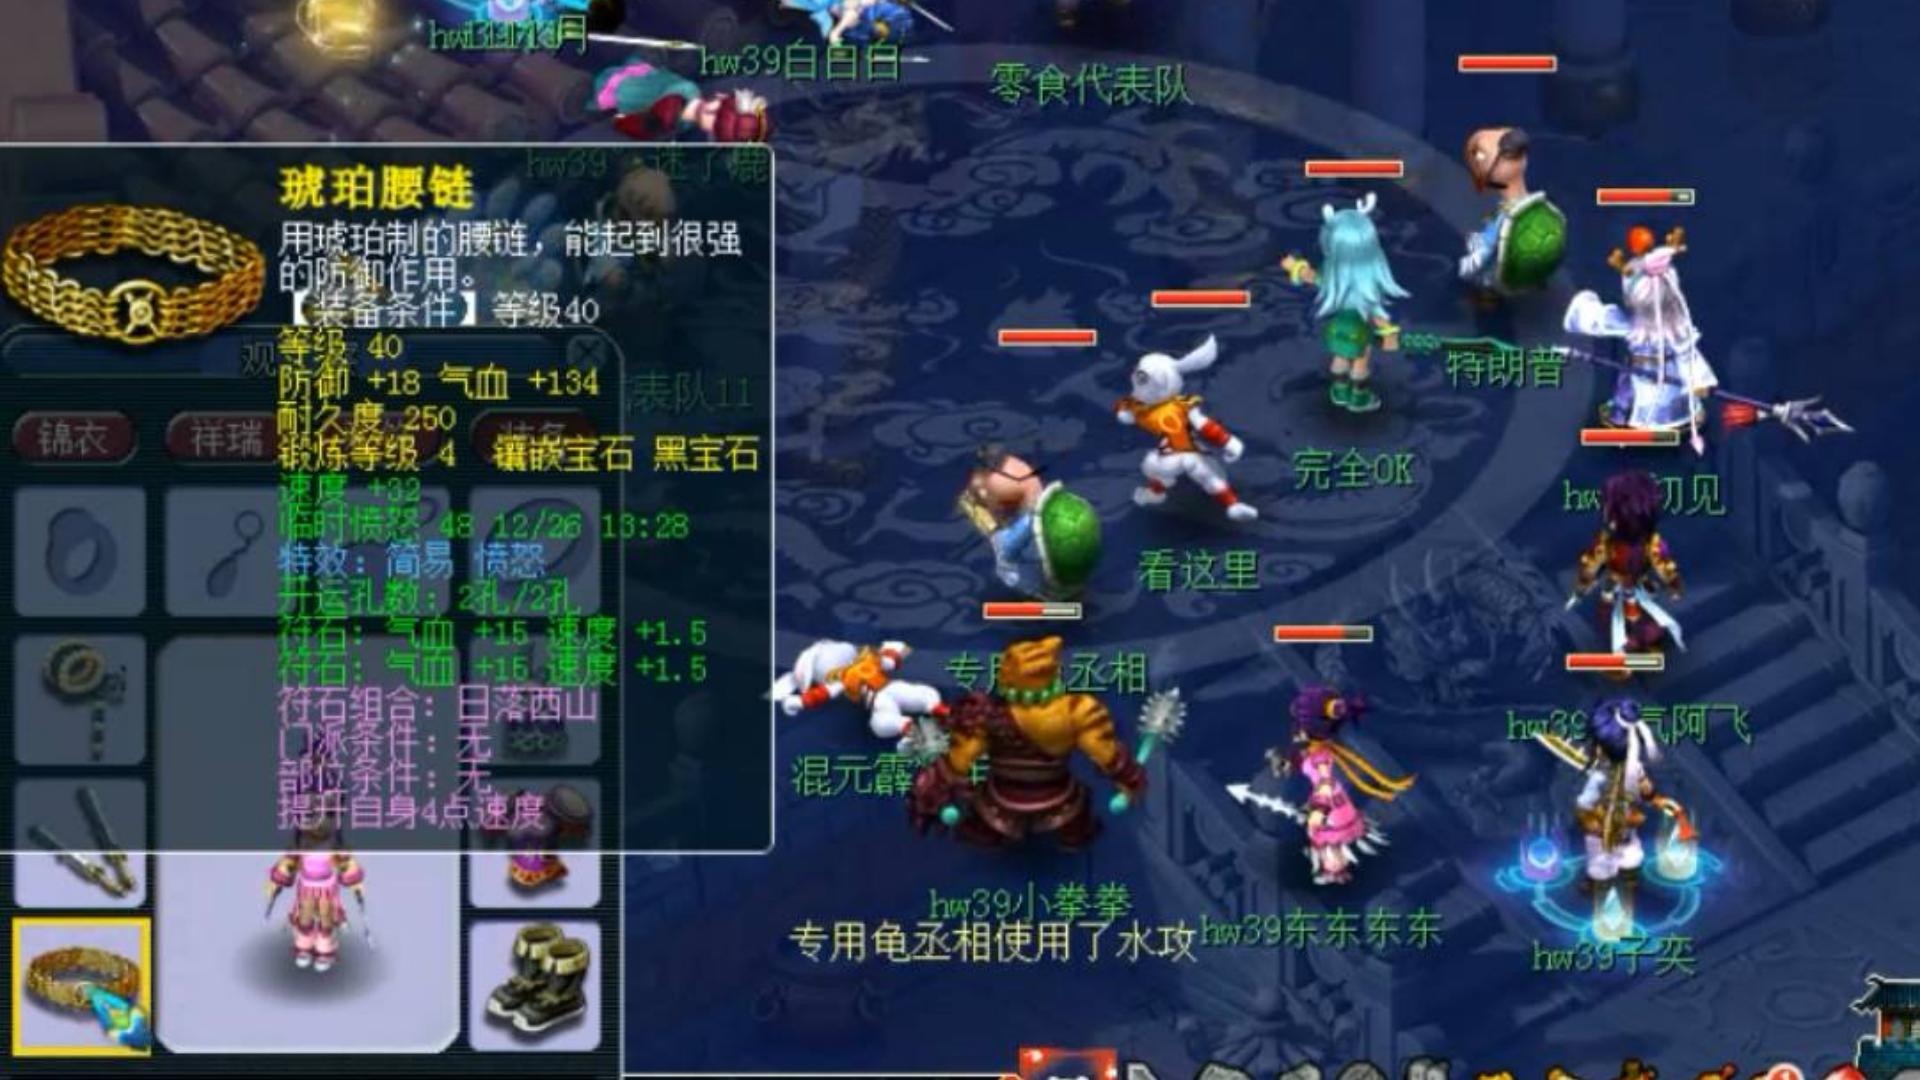 梦幻西游:浩文组织的39级天候组比赛,带着一身40级简易特技装备